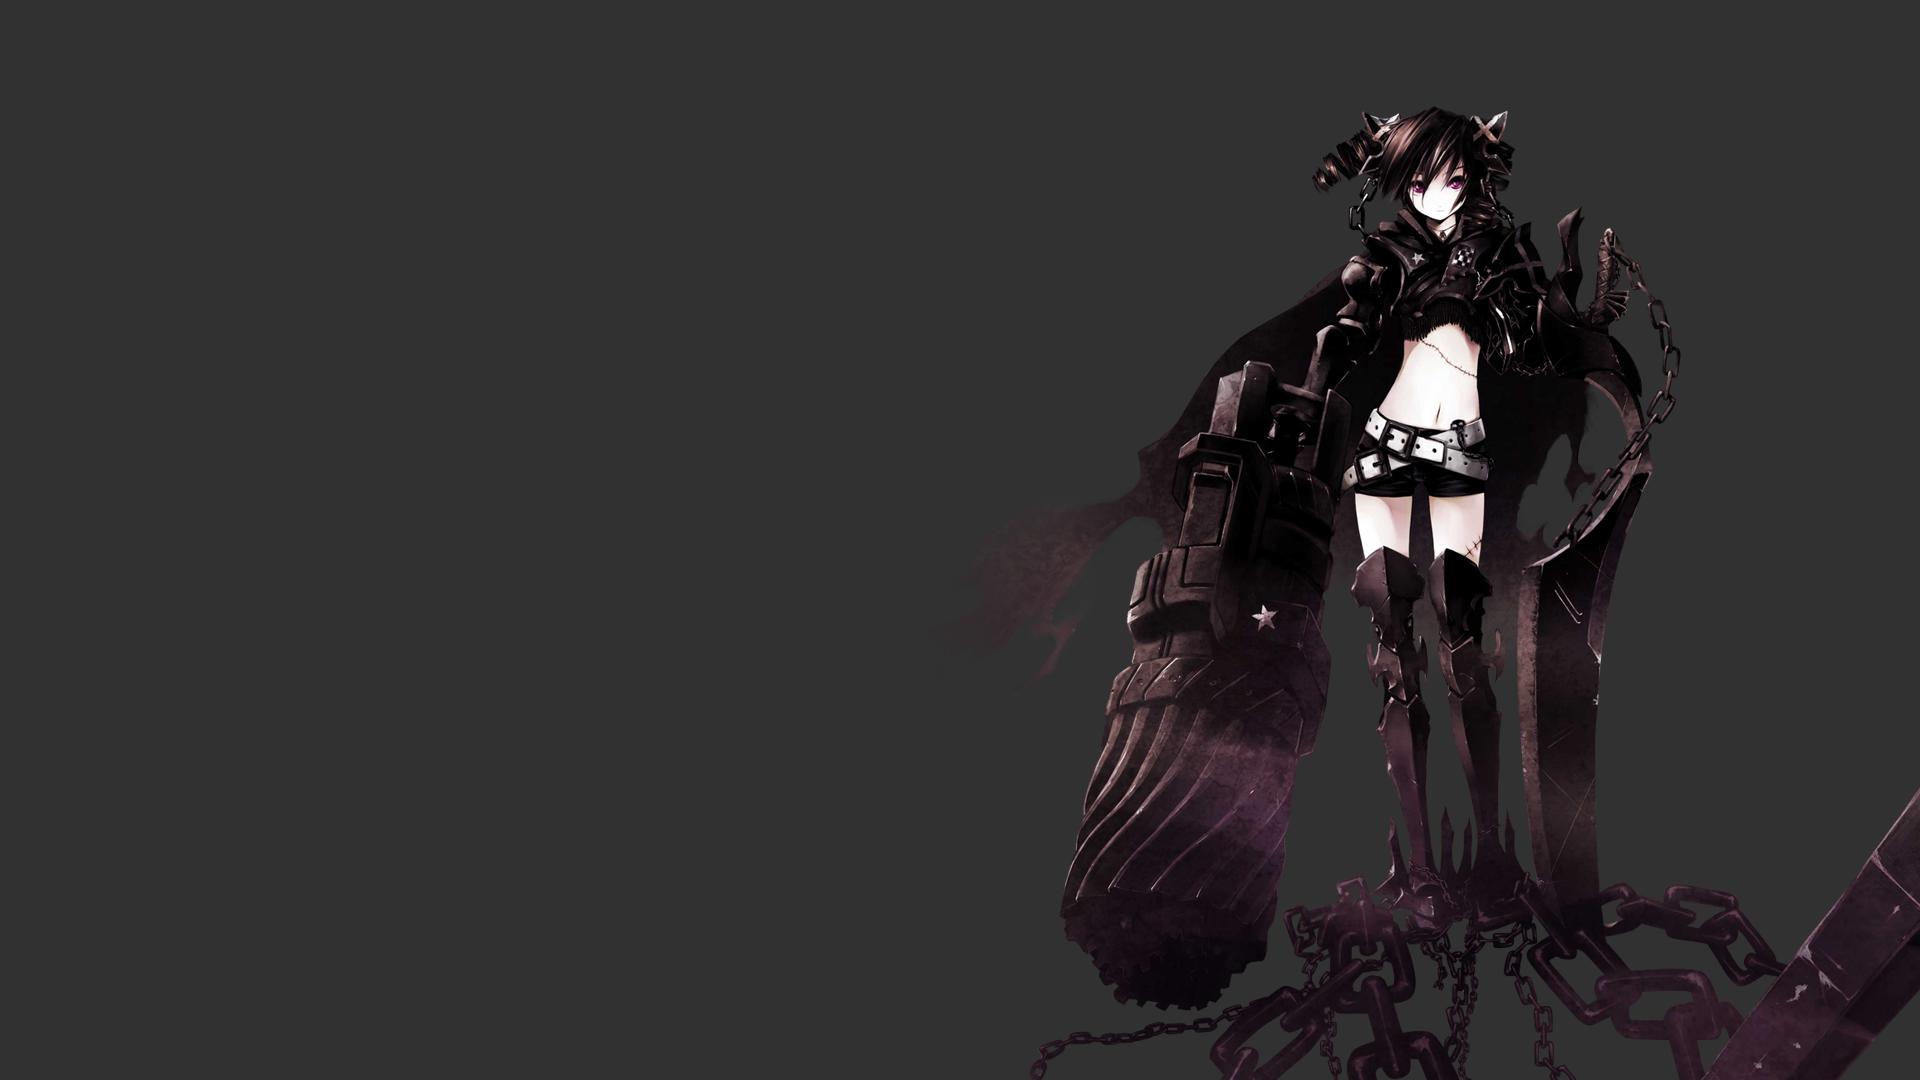 Anime Gun Wallpaper 1920x1080 1920x1080 Guns Black Wallpaper 1920x1080